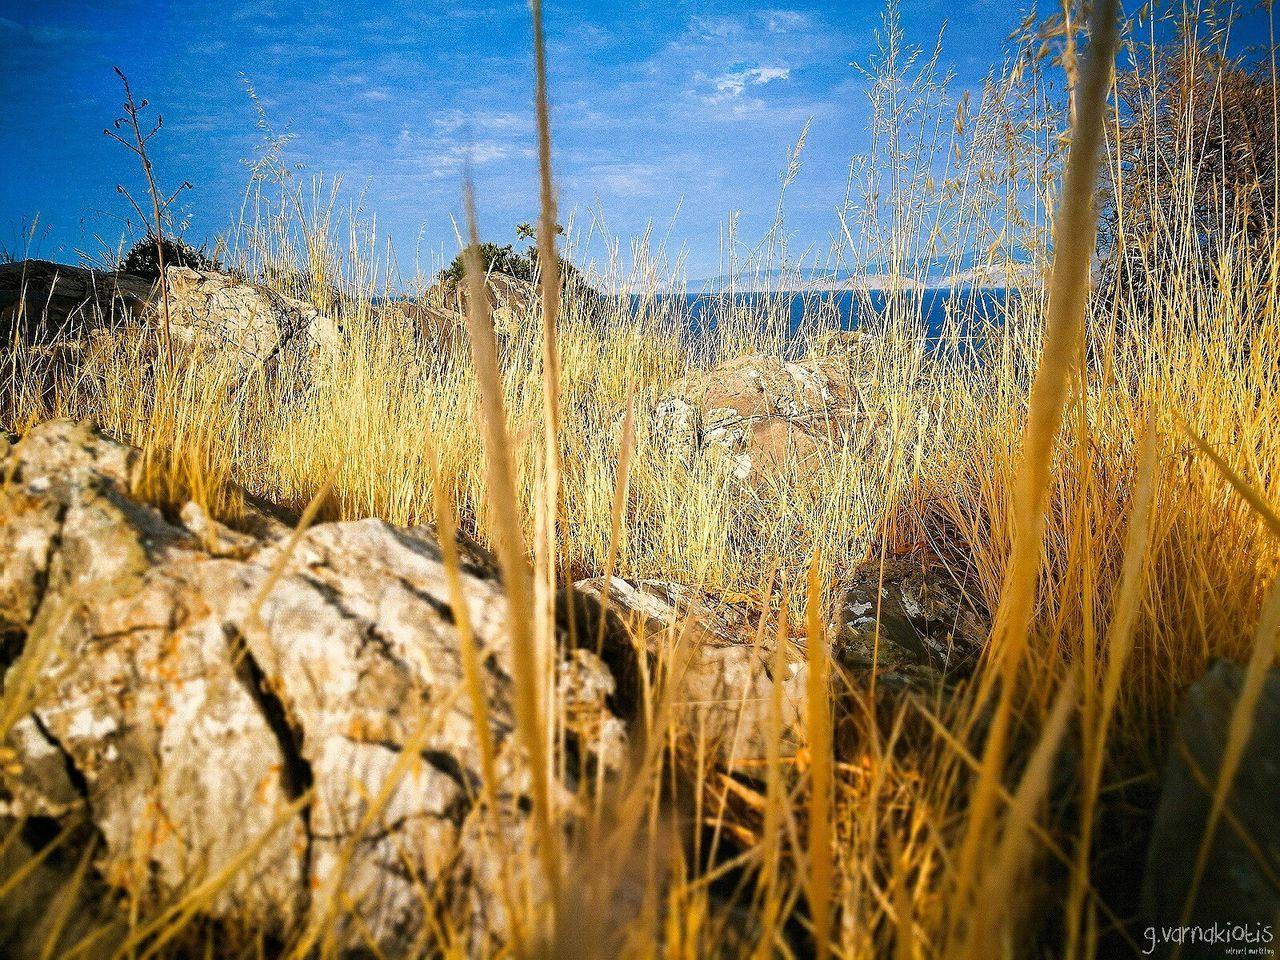 """""""Μια ήσυχη φωτογραφία με φόντο το μπλε του ουρανού"""" First Eyeem Photo Crete Agiosnikolaos Perfectview Secretplace Bluesky Niceplace Everythingisyellow Rocks Greece🇬🇷 The Great Outdoors - 2017 EyeEm Awards"""